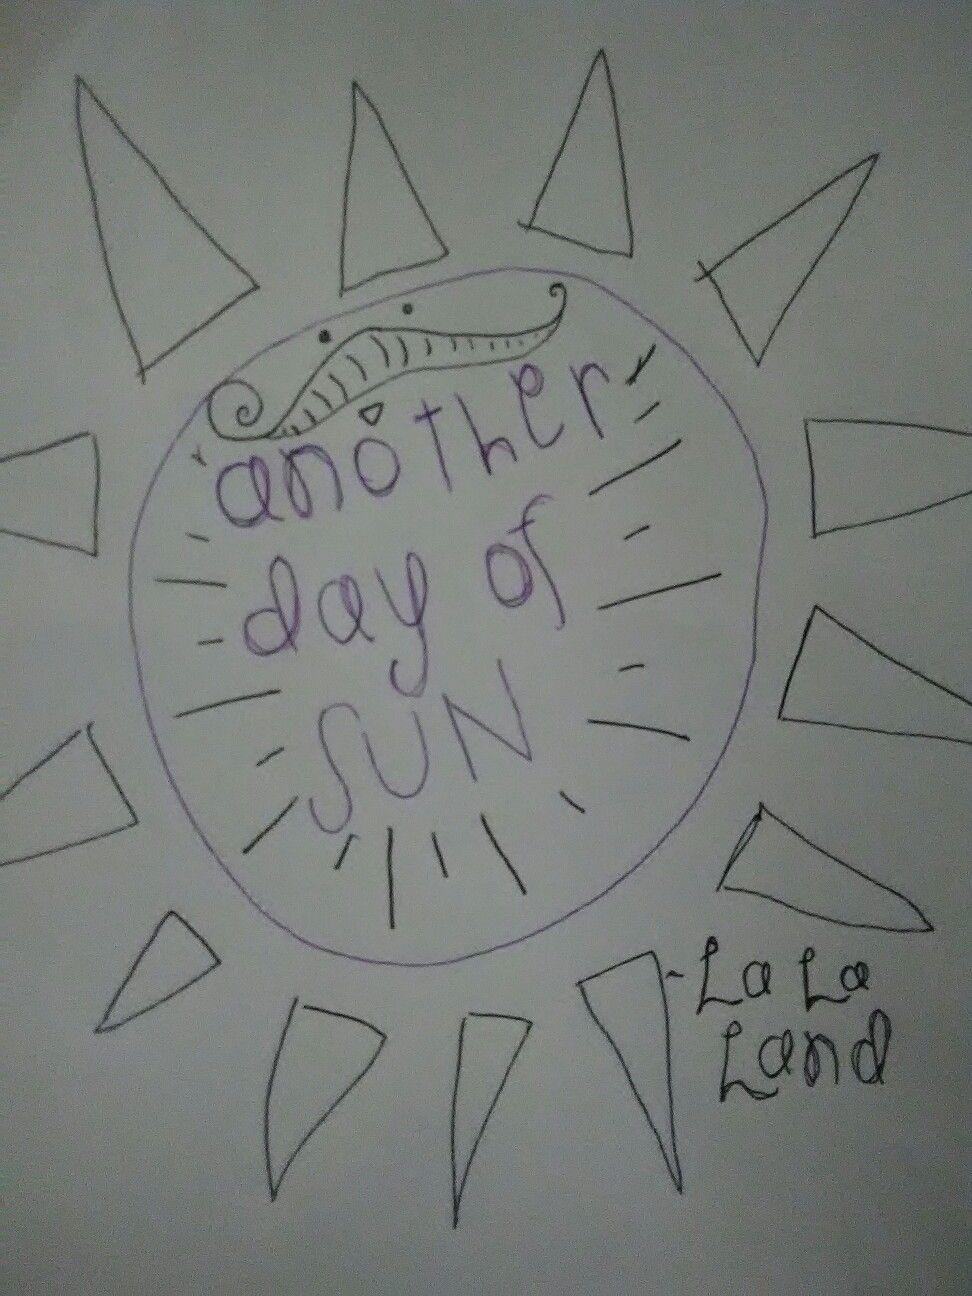 La La Land Is Life Another Day Of Sun Love Book I Love Books La La Land